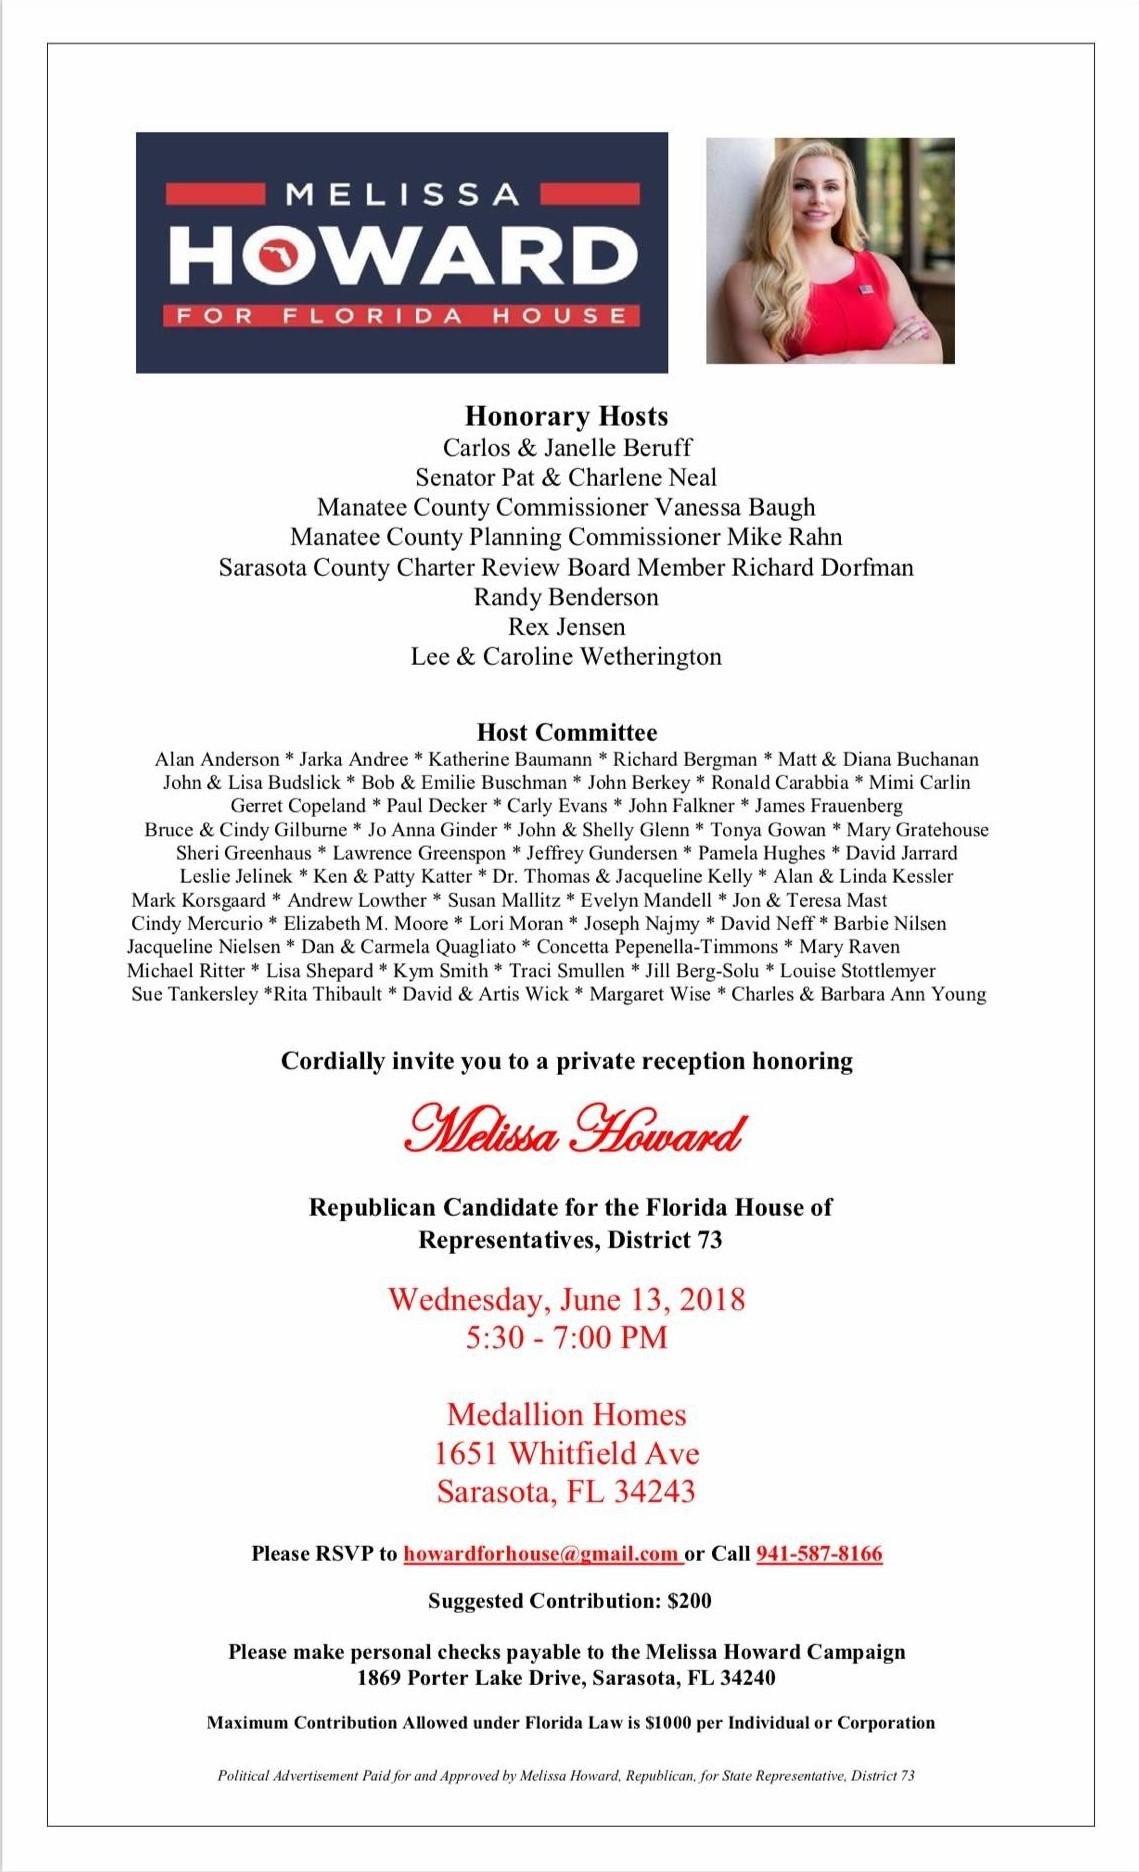 Howard Fundraiser 6.13.2018